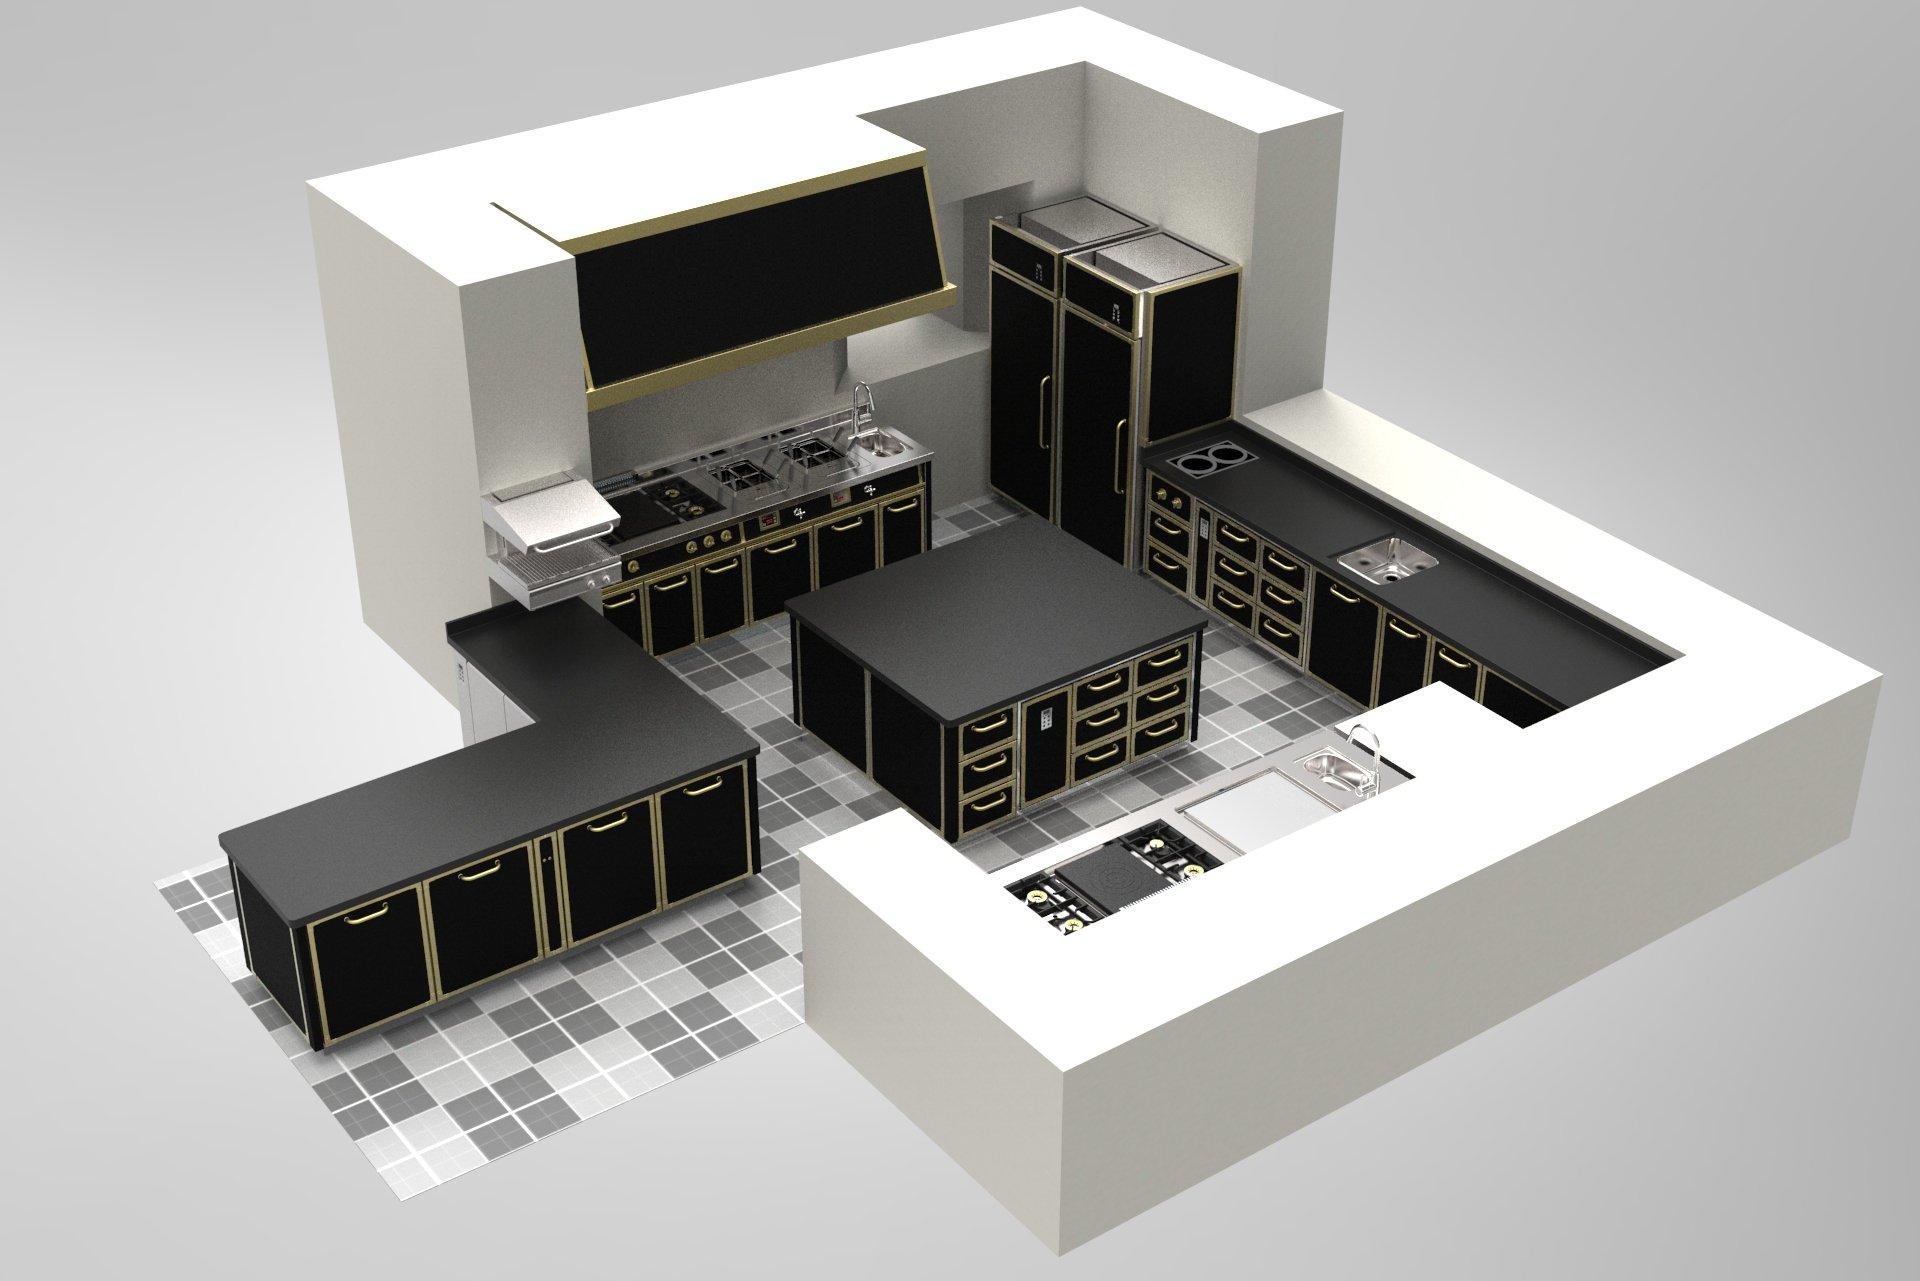 un modellino di una cucina professionale con mobili neri